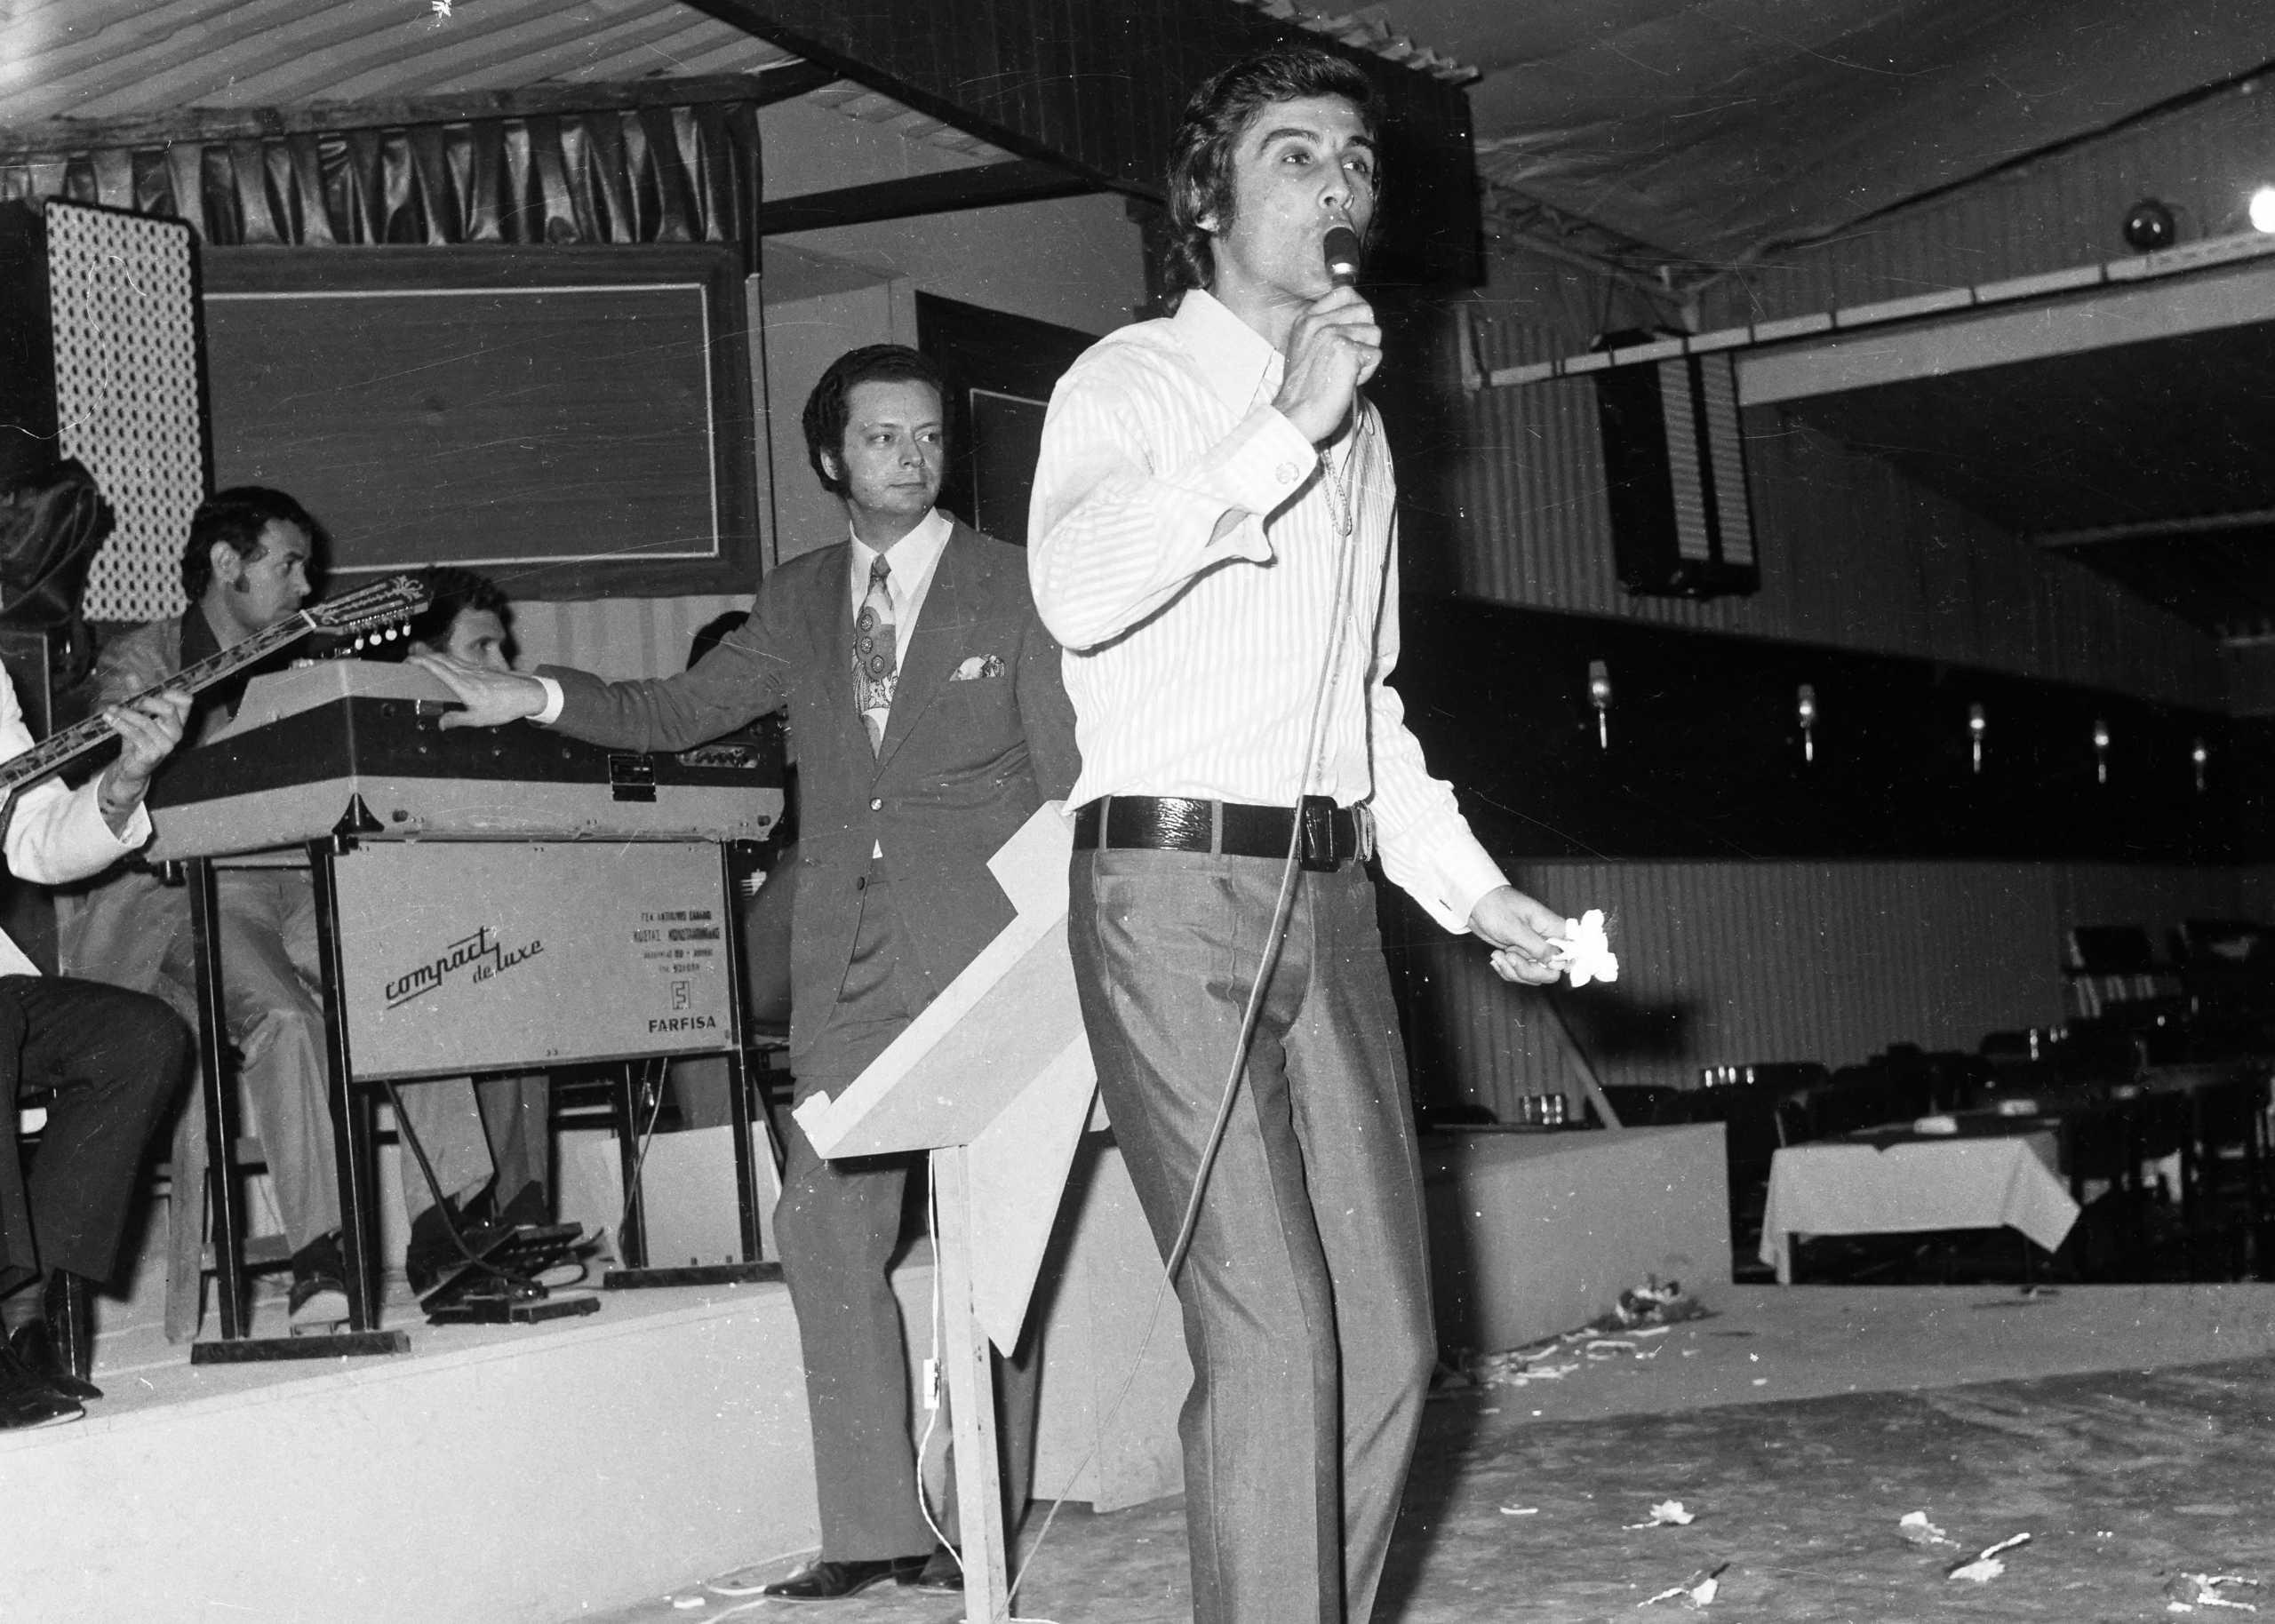 Τόλης Βοσκόπουλος: Ο πολιτικός κόσμος αποχαιρετά τον μεγάλο τραγουδιστή